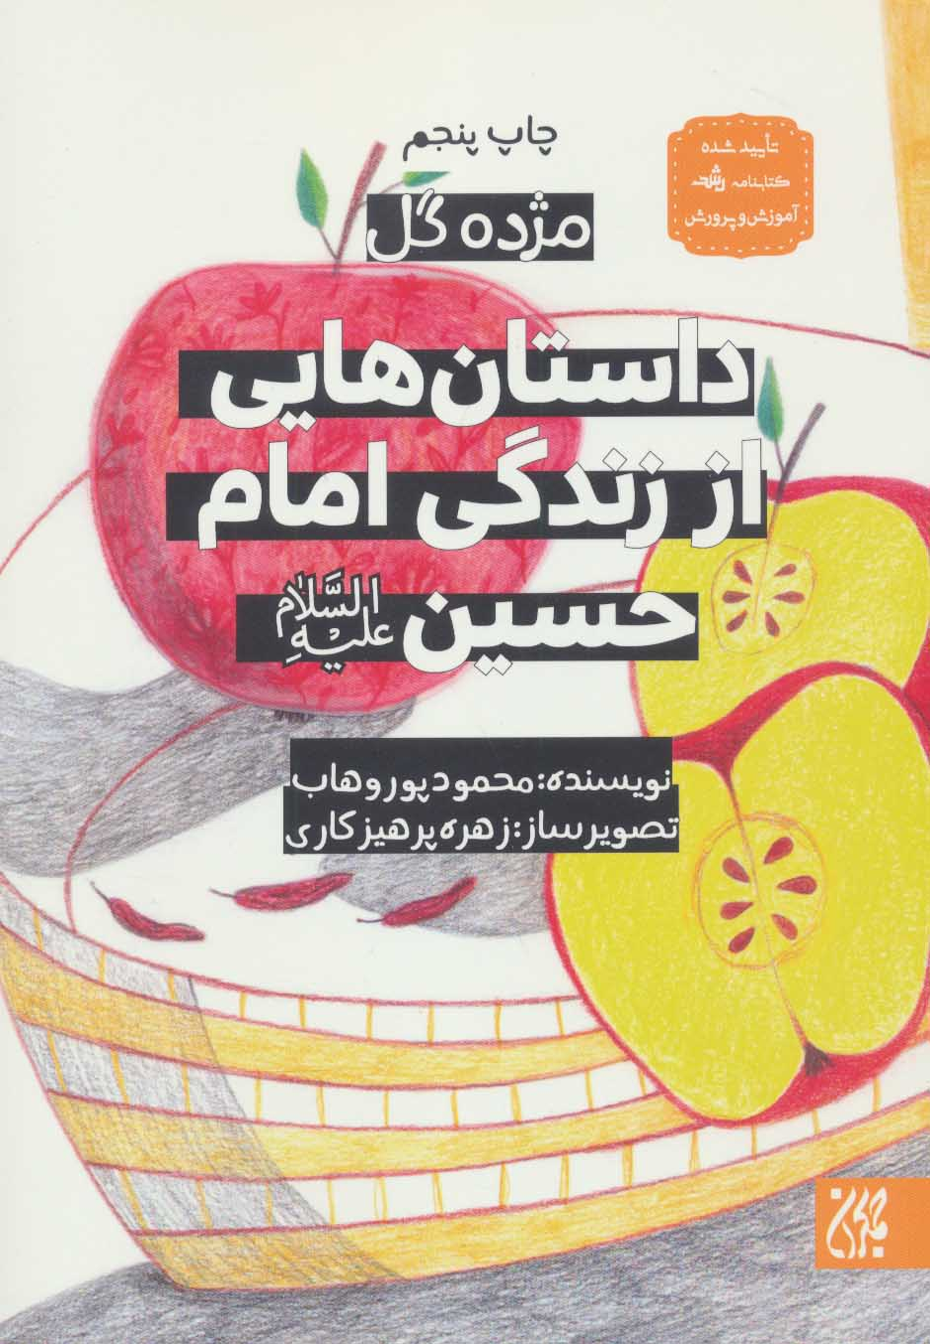 داستان هایی از زندگی امام حسین (ع)،(مژده گل)،(گلاسه)